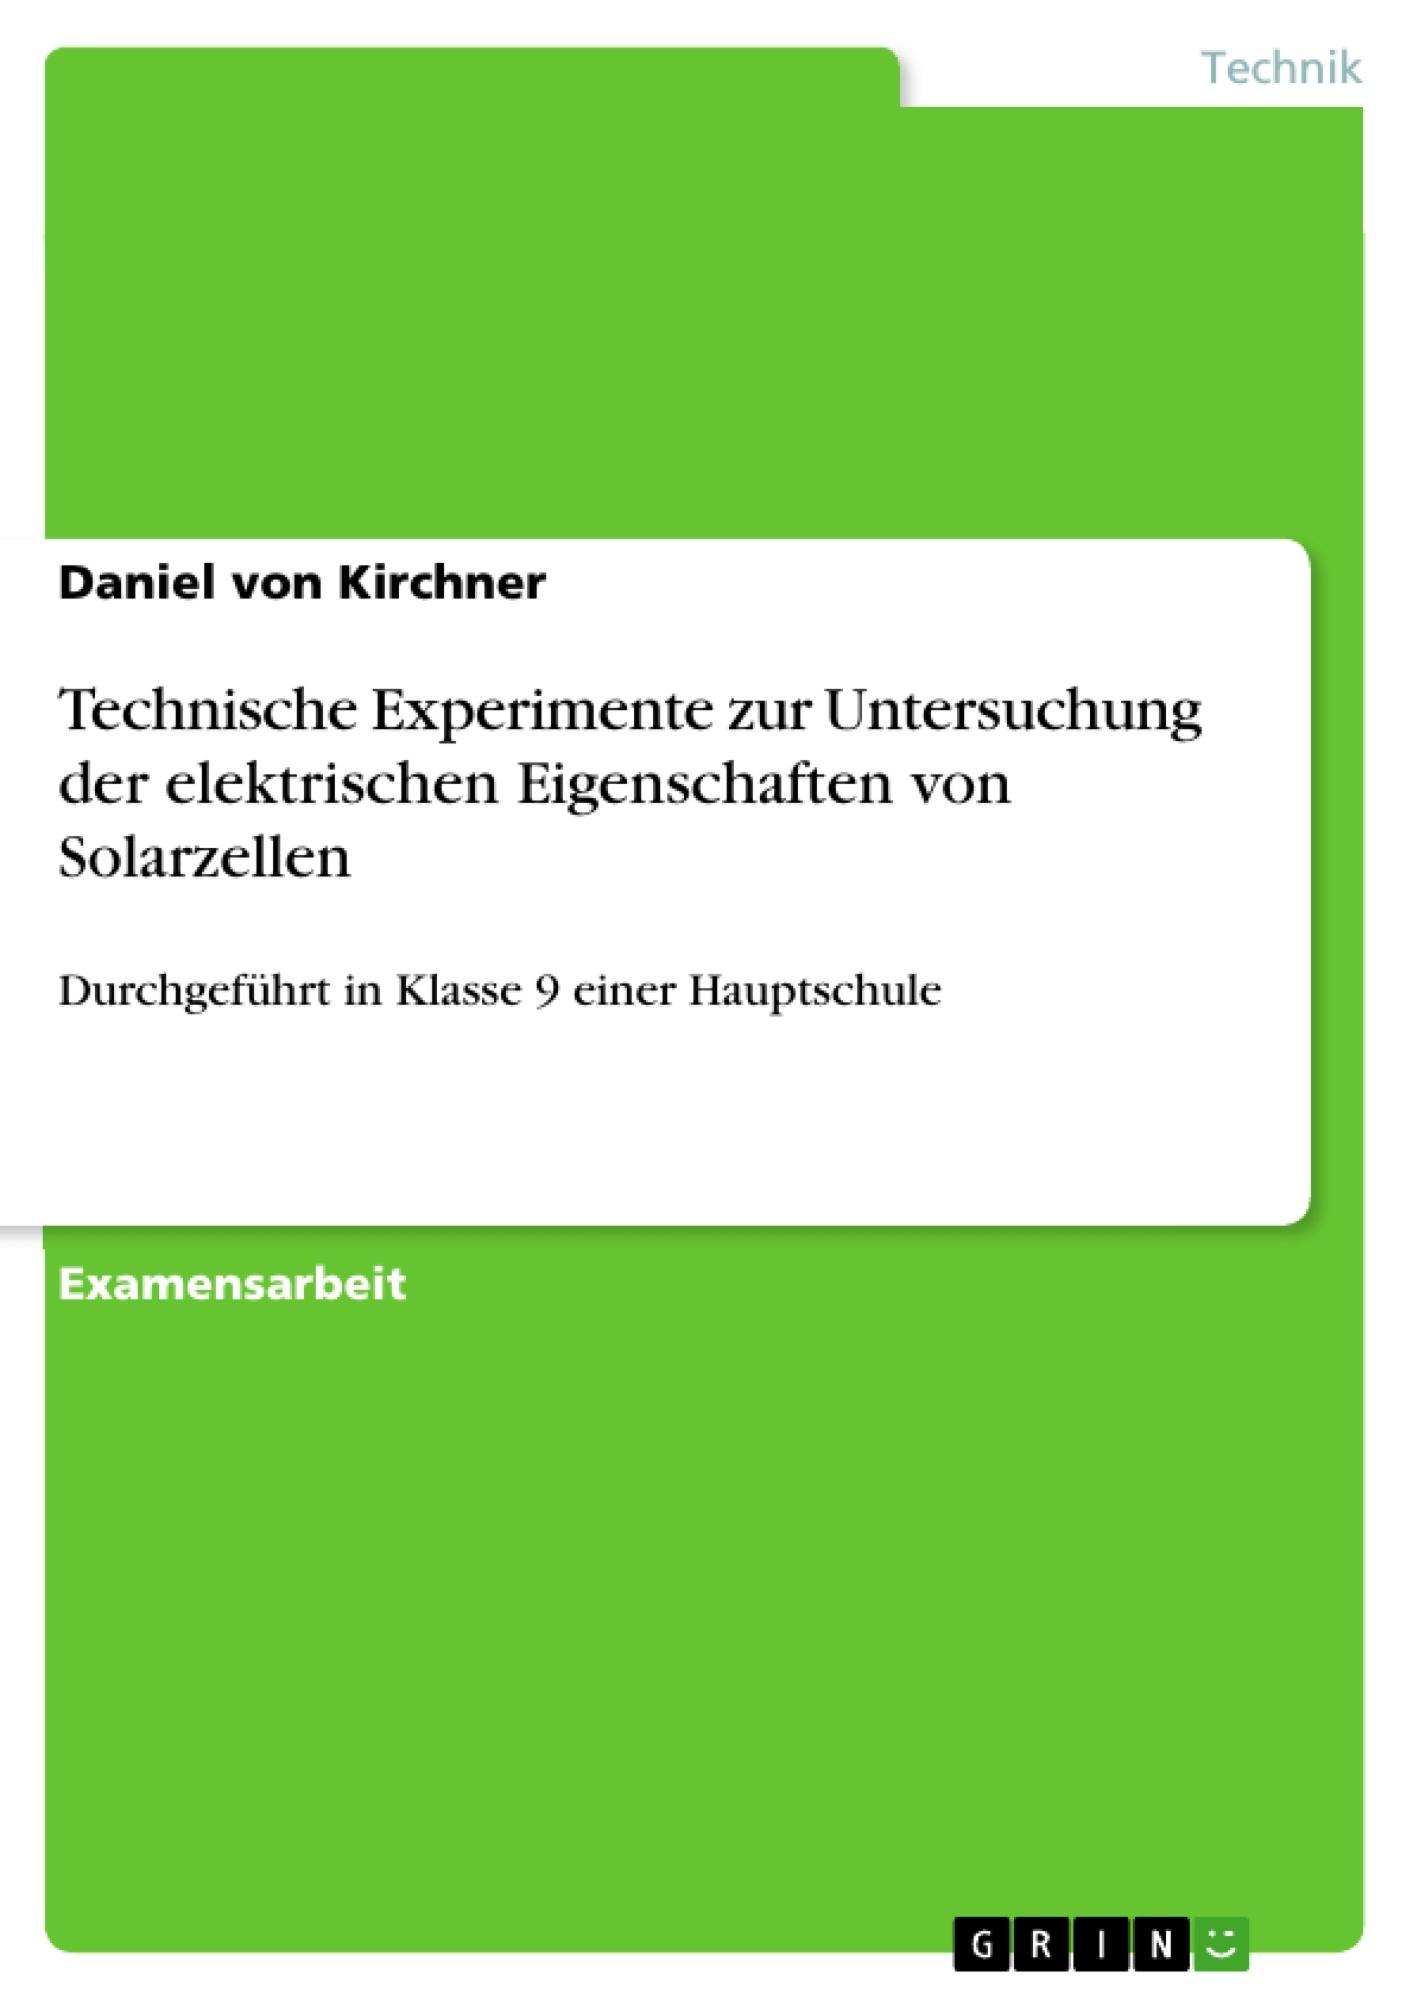 Technische Experimente zur Untersuchung der elektrischen ...